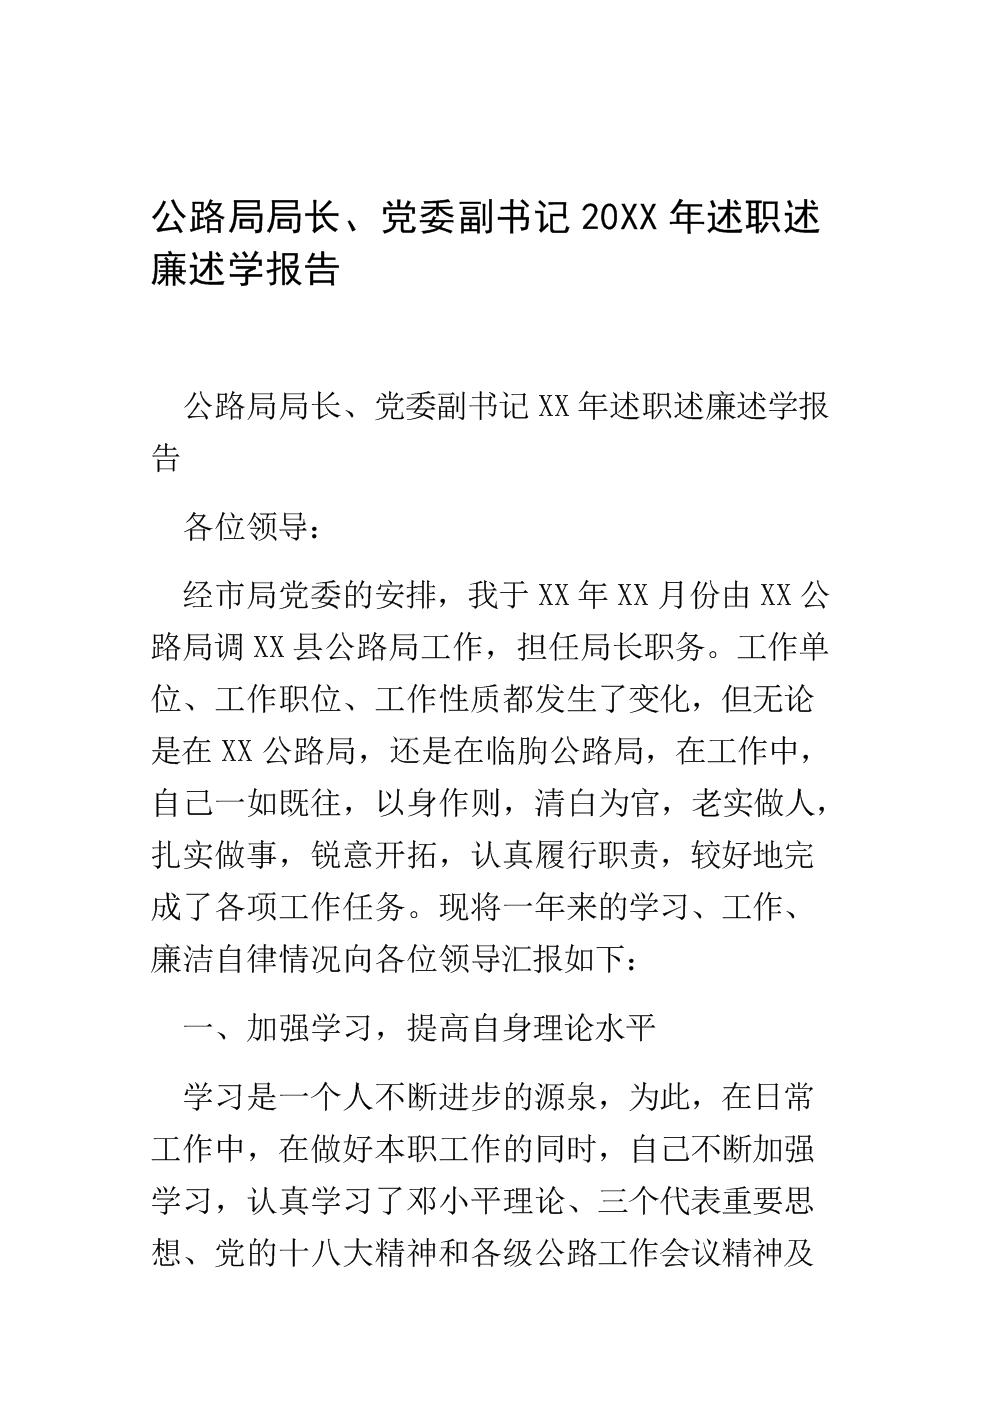 公路局局长党委副书记20xx年述职述廉述学报告.doc